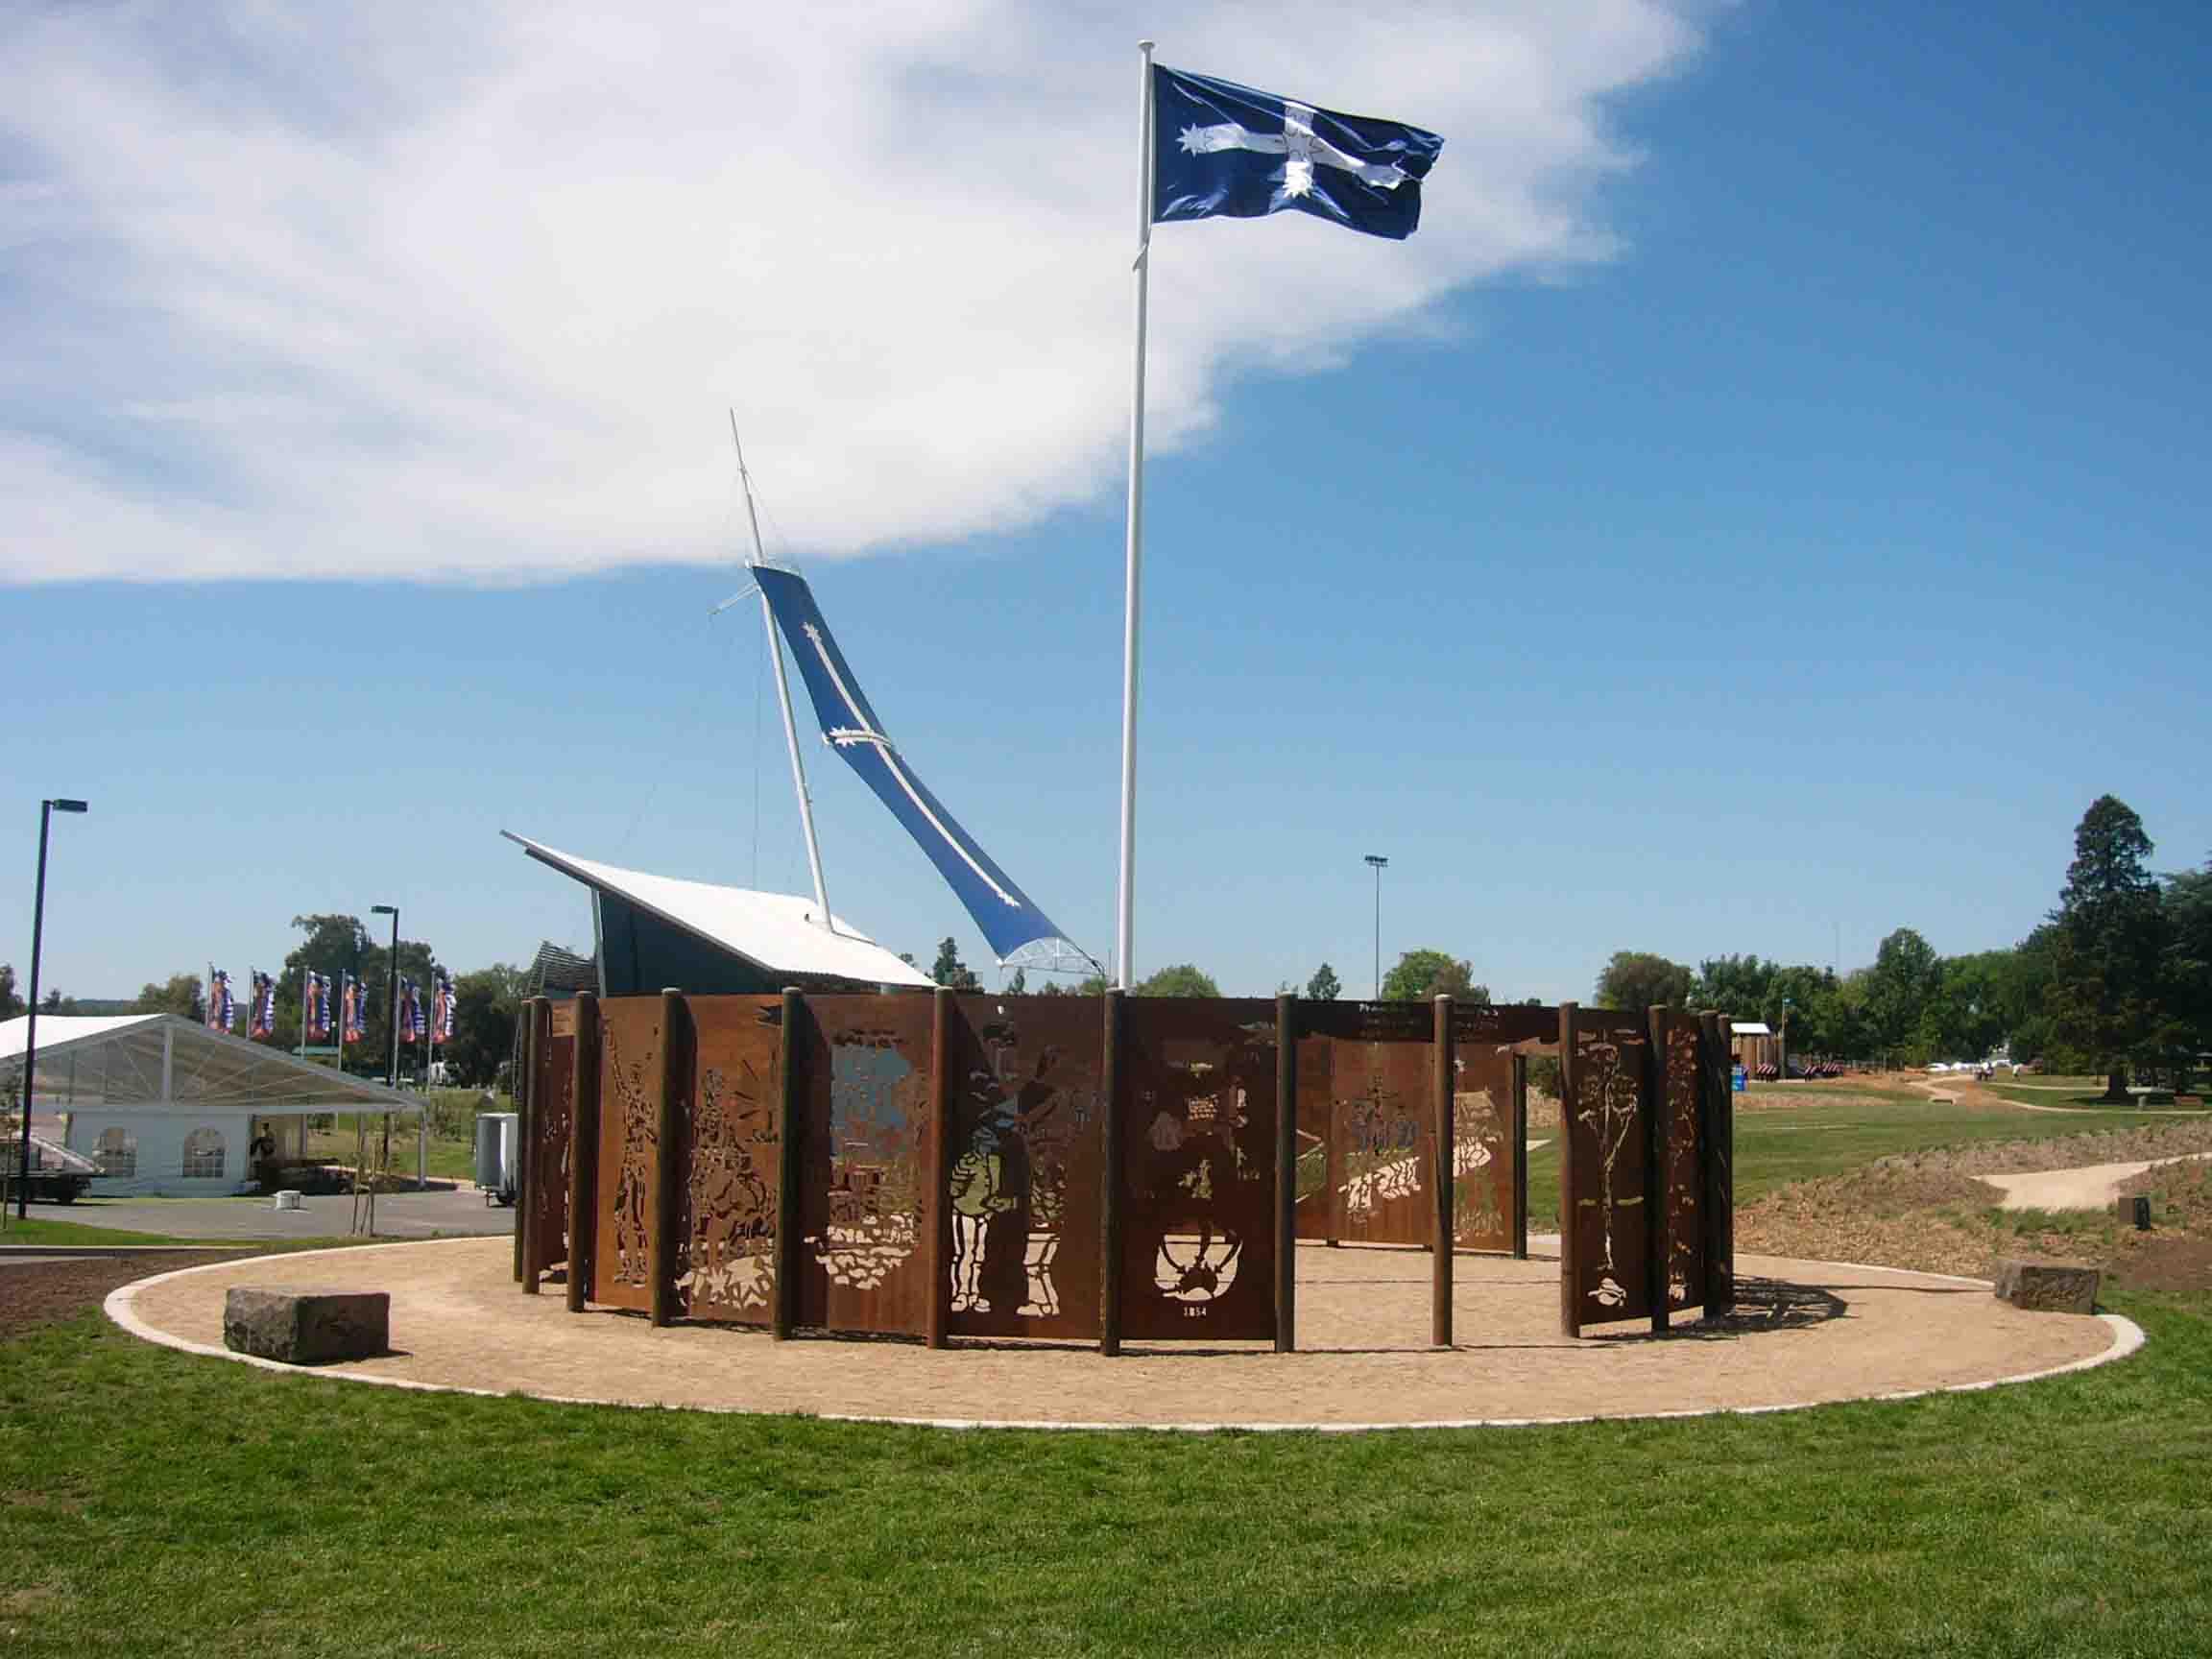 Hasell 'Eureka Circle' Eureka Park Ballarat, 2004